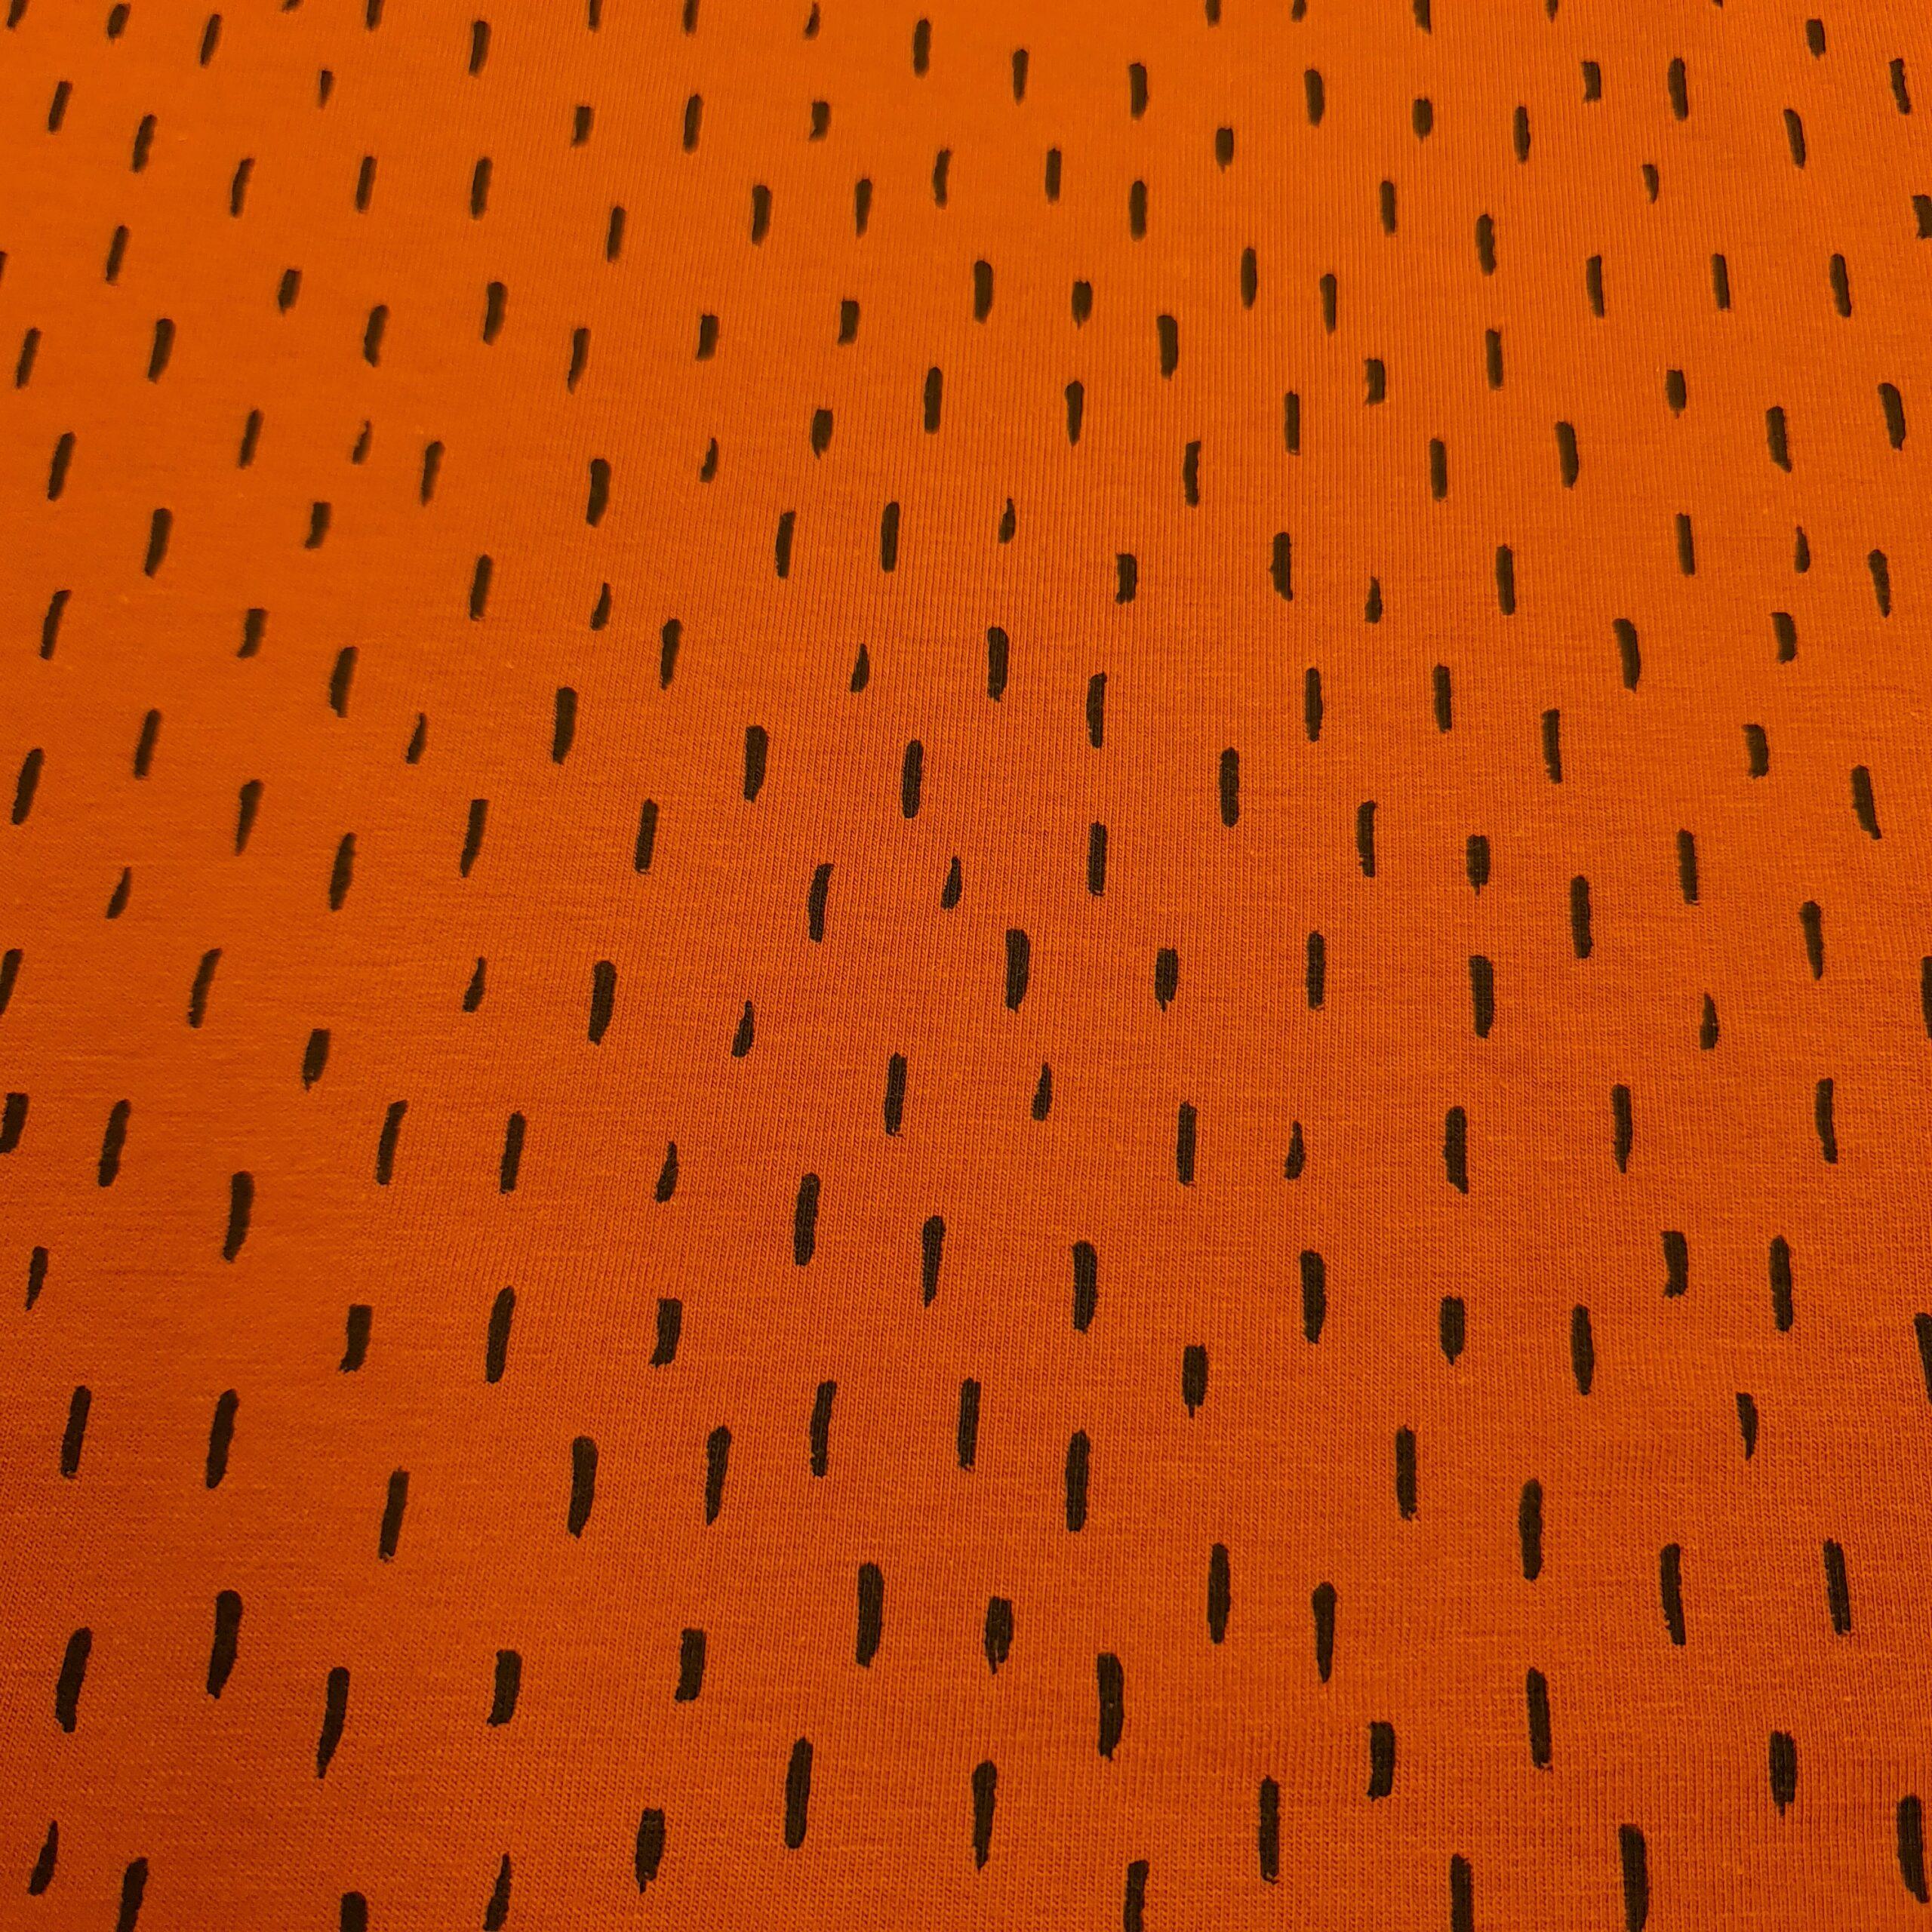 jersey orange mit schwarzen pinselstrichenA